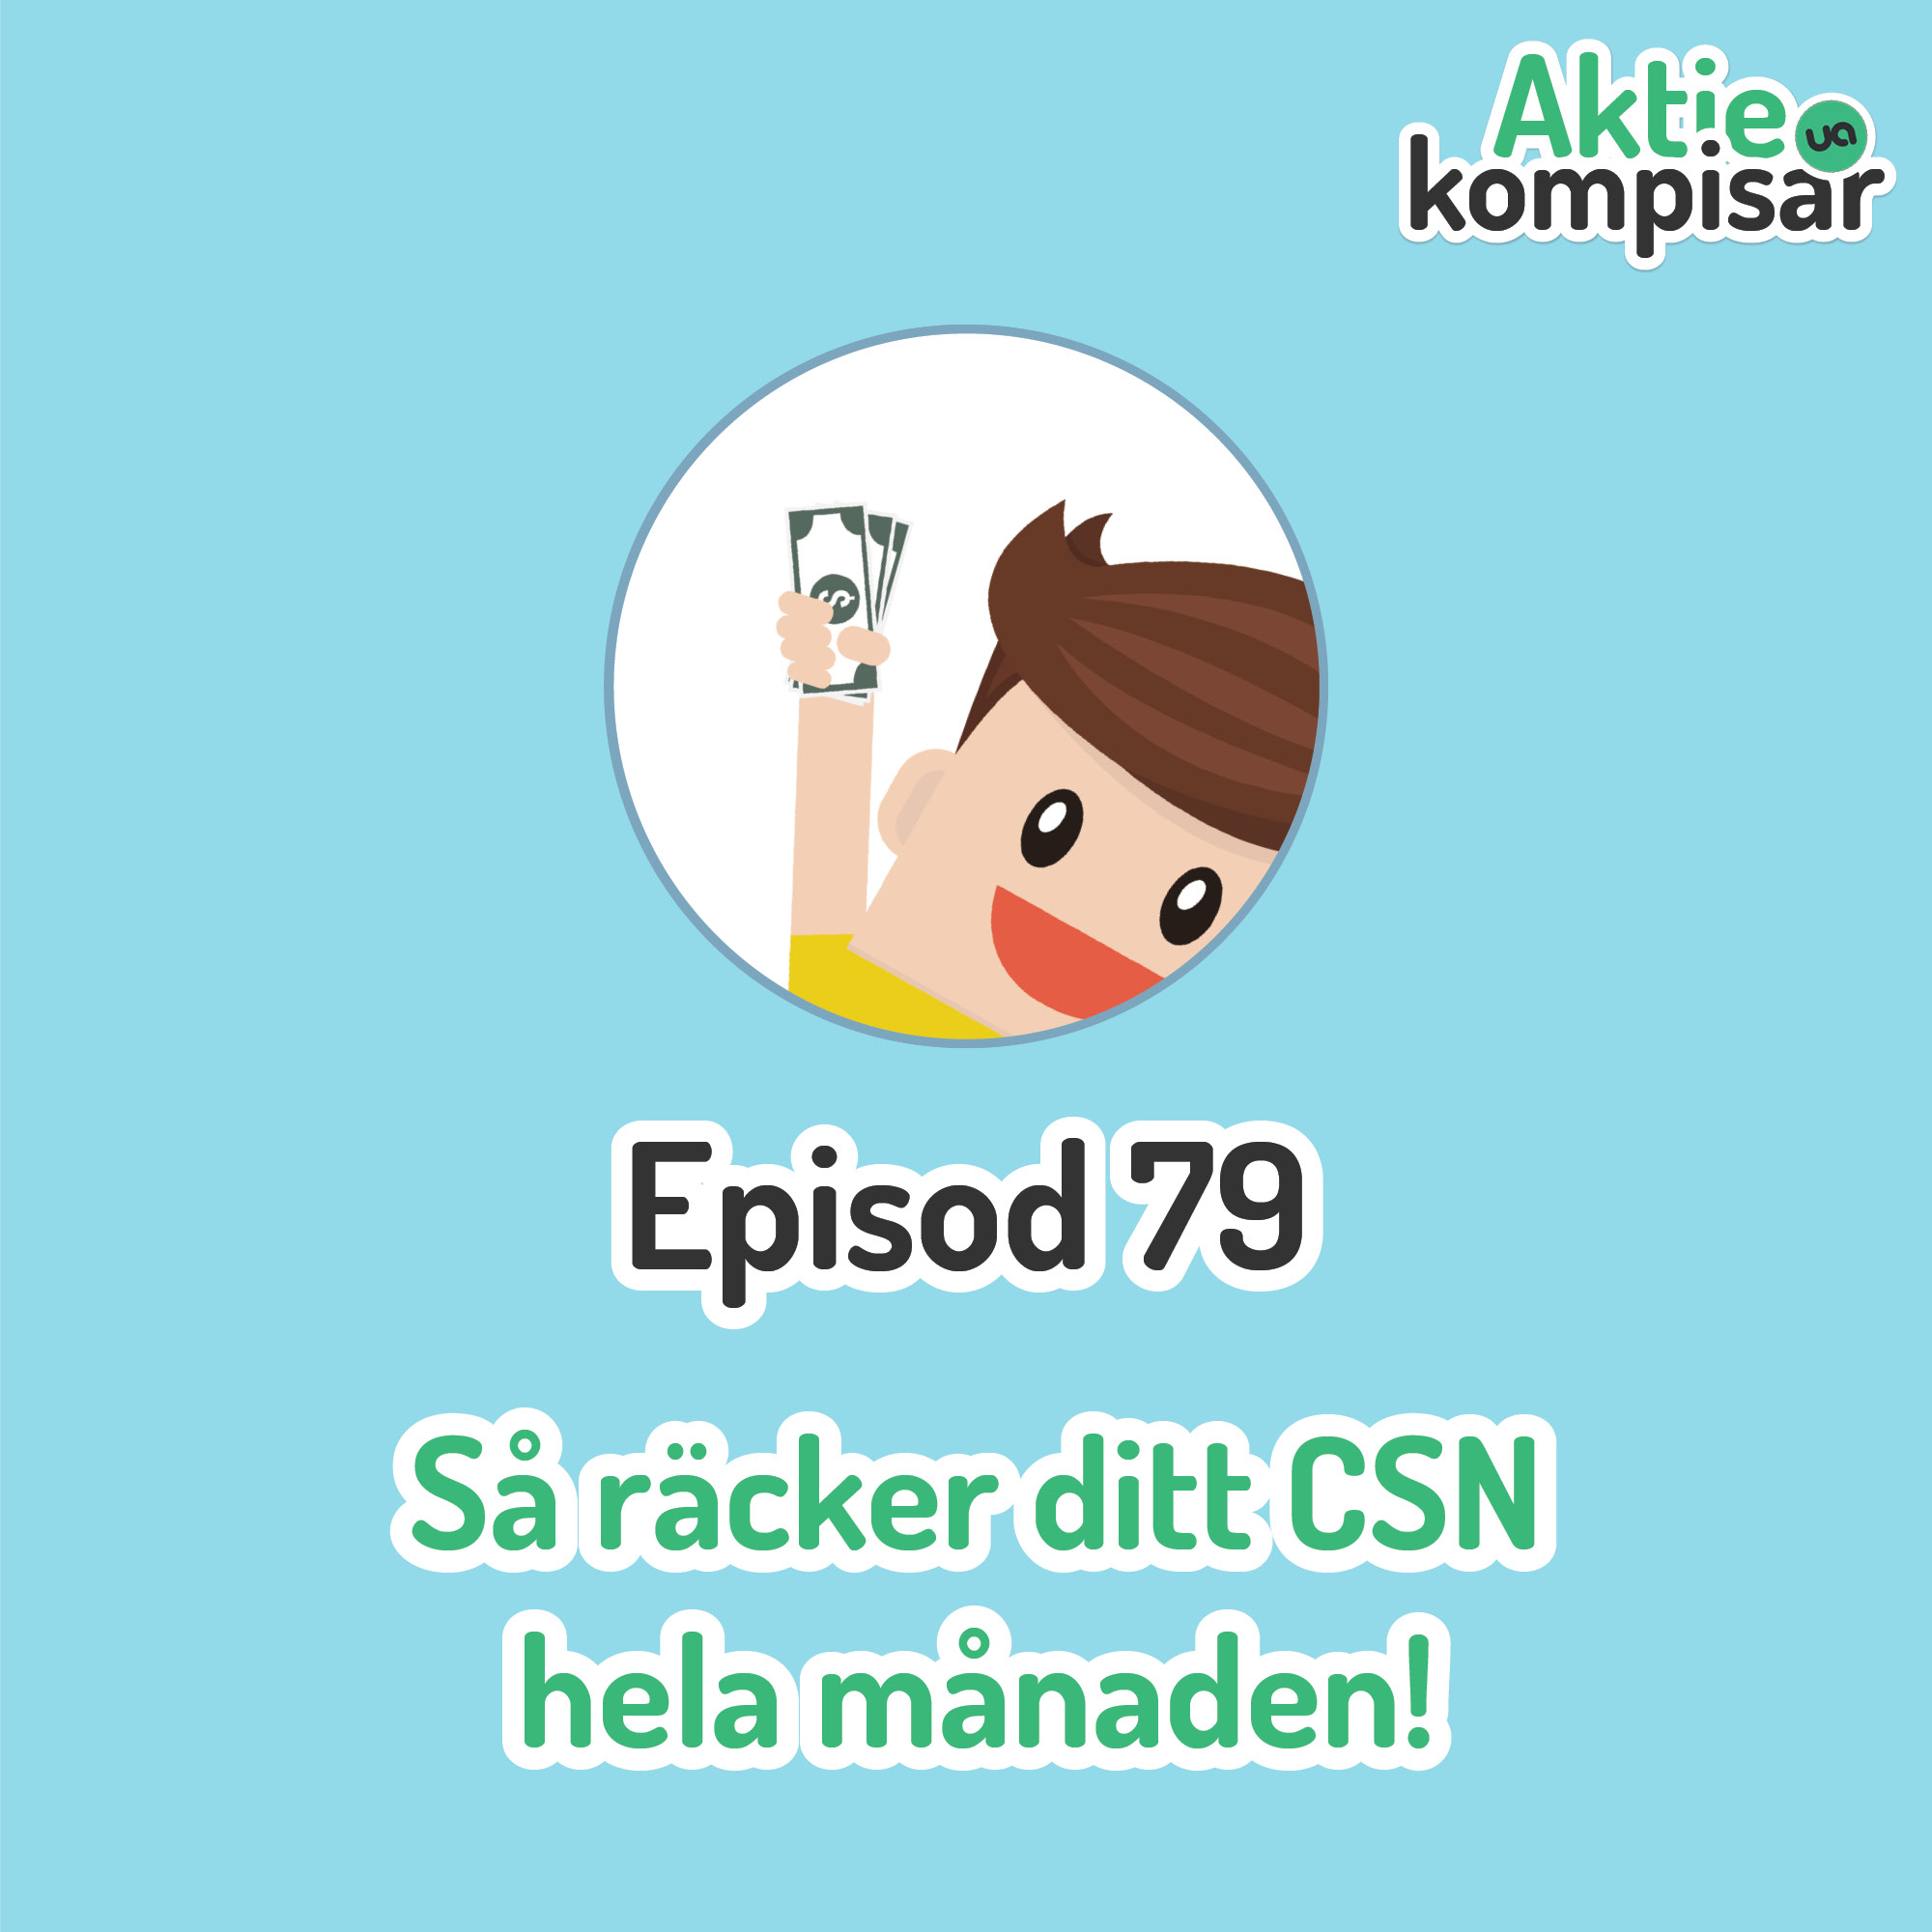 Episod 79 - Så räcker ditt CSN hela månaden!